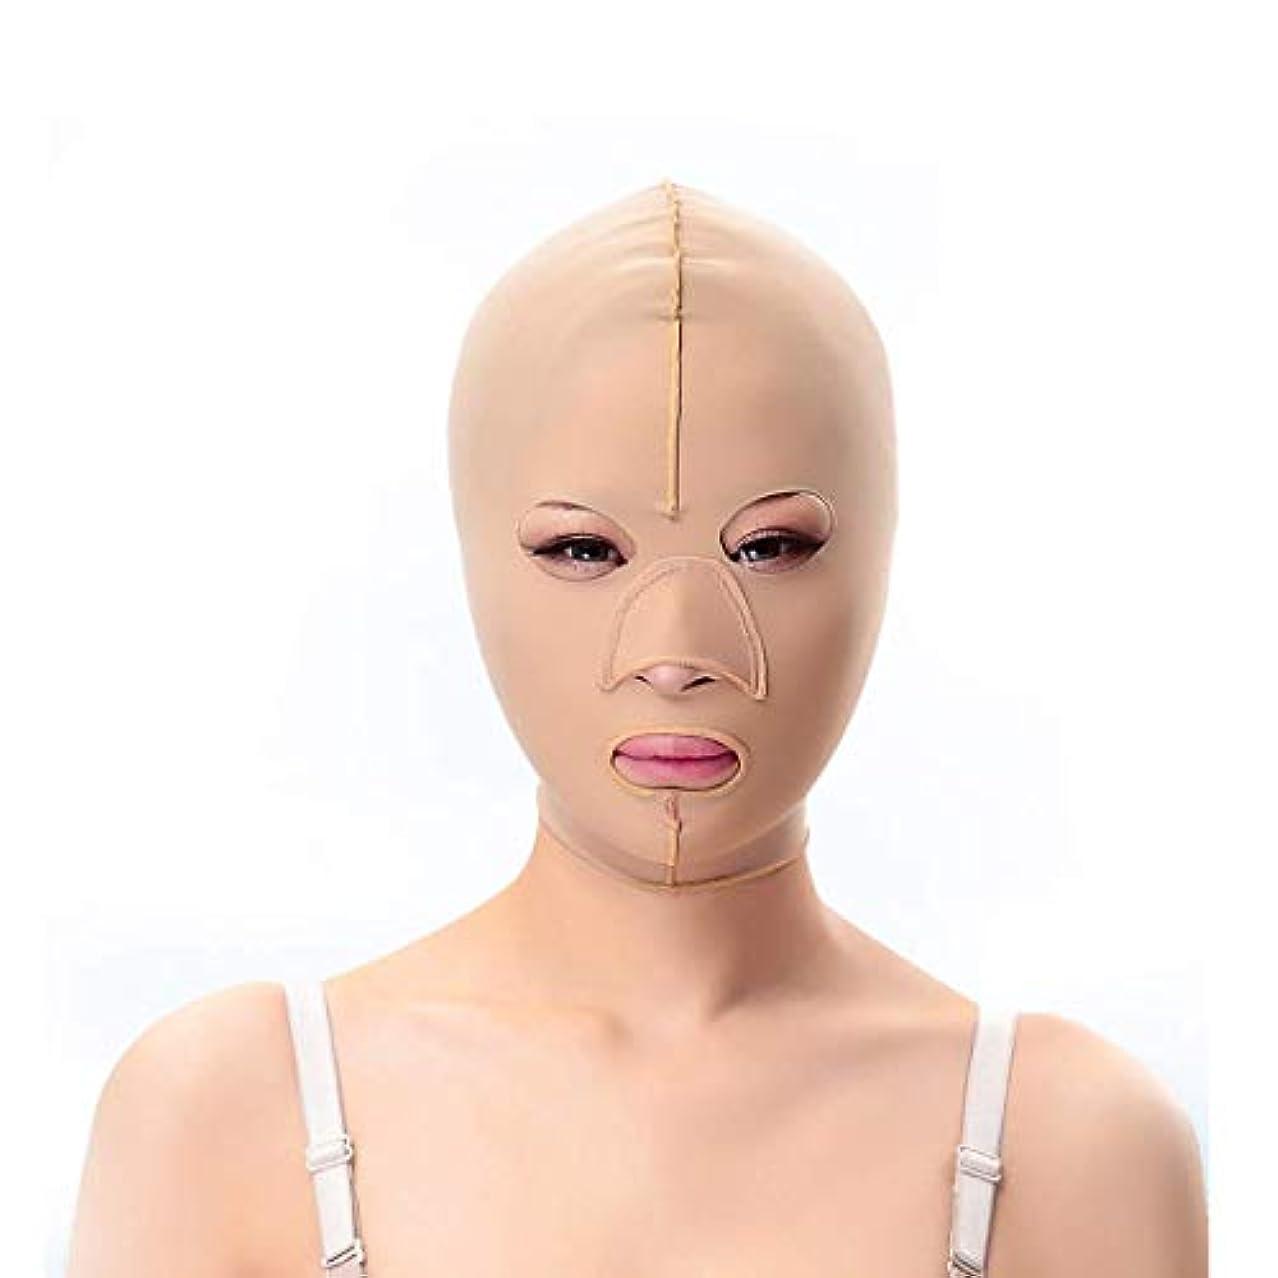 代表して完璧横にスリミングベルト、二重あごの引き締め顔のプラスチックフェイスアーティファクト強力なフェイス包帯を脇に持ち上げるパターンを欺くためのフェイシャルマスクシンフェイスマスク(サイズ:L),XXL